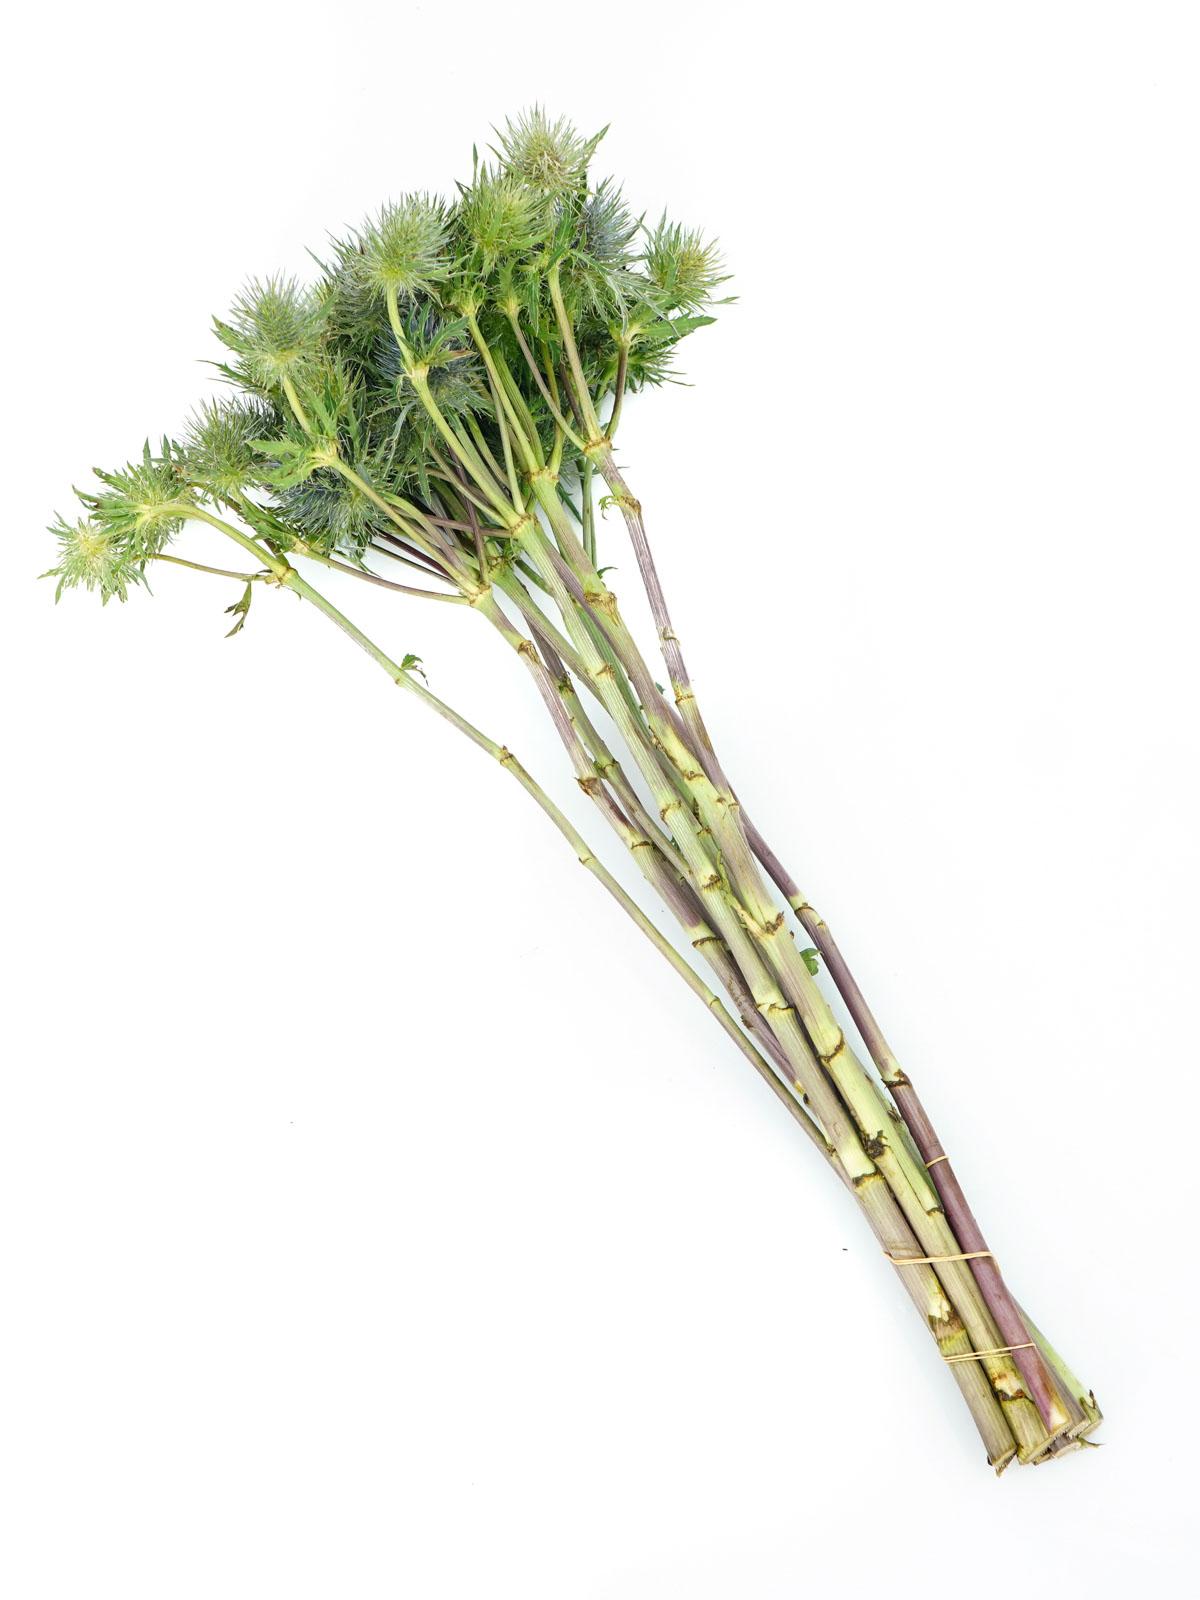 ارنجيوم أخضر  الزهور بالجملة زهور مقطوفة